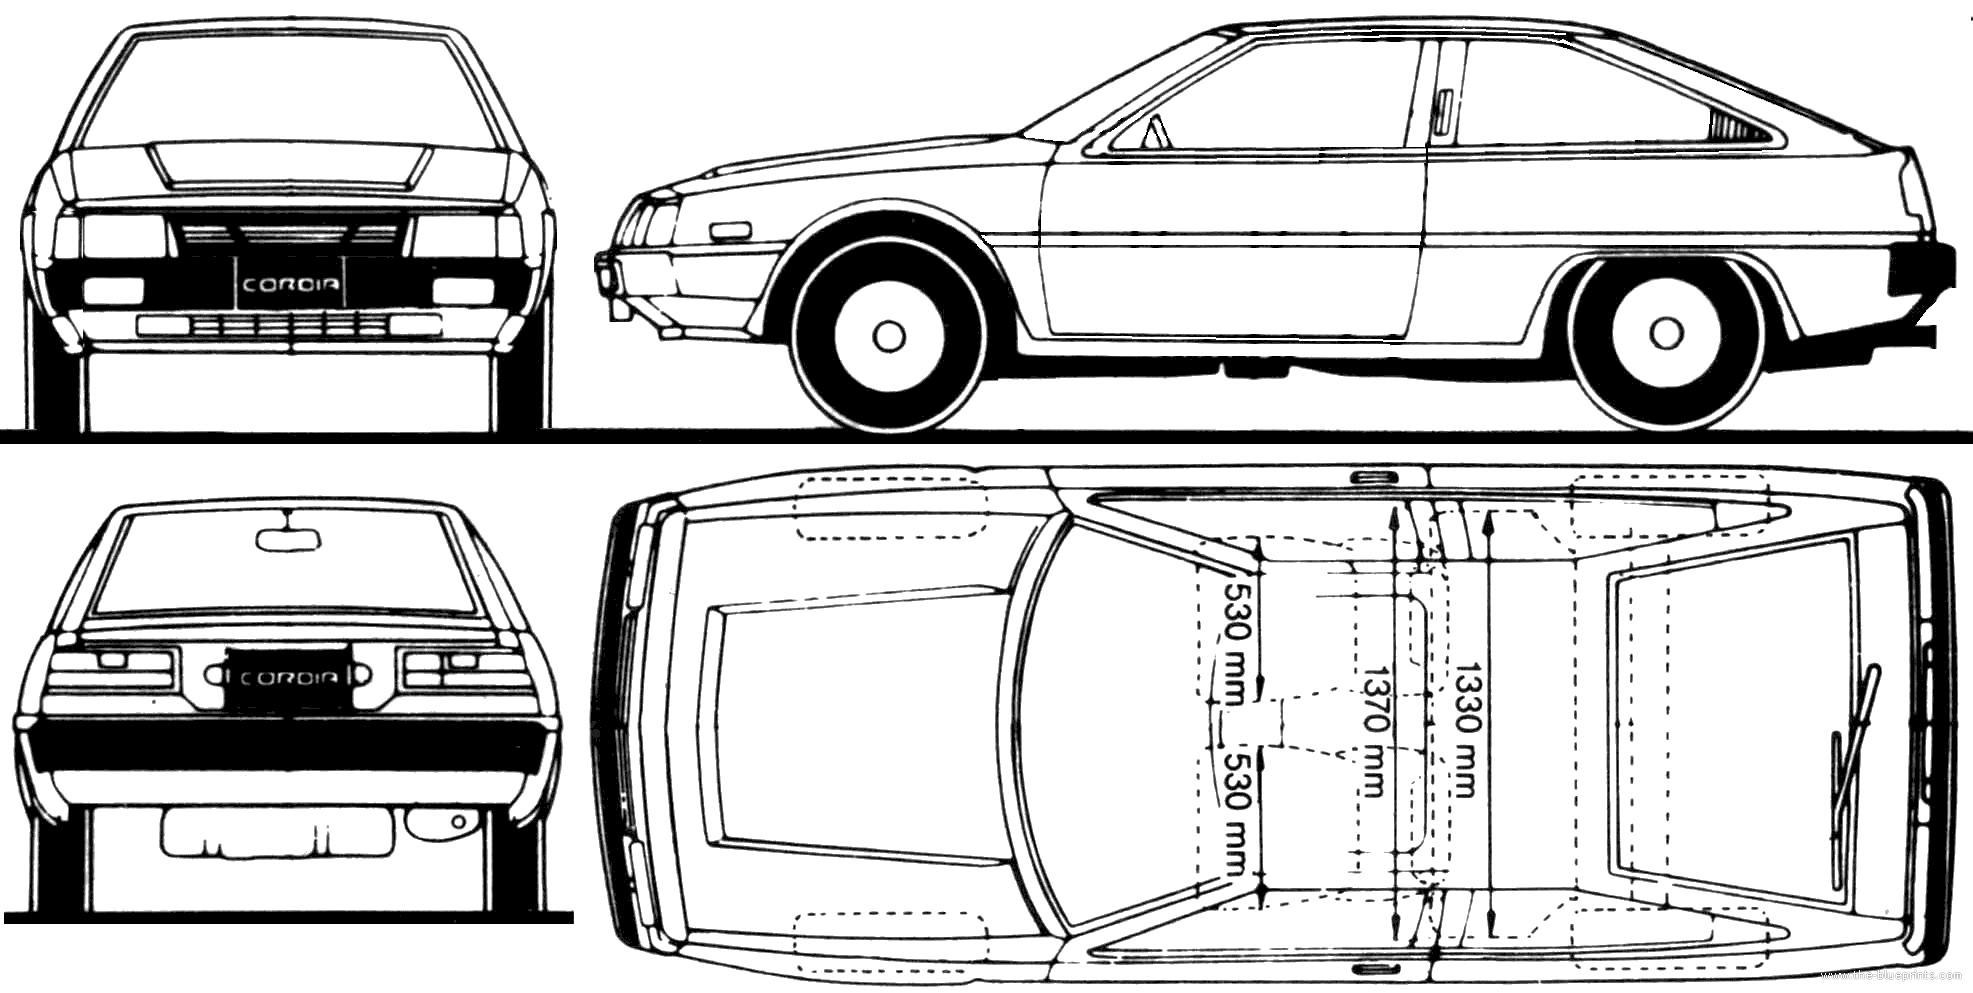 Blueprints > Cars > Mitsubishi > Mitsubishi Cordia (1985)